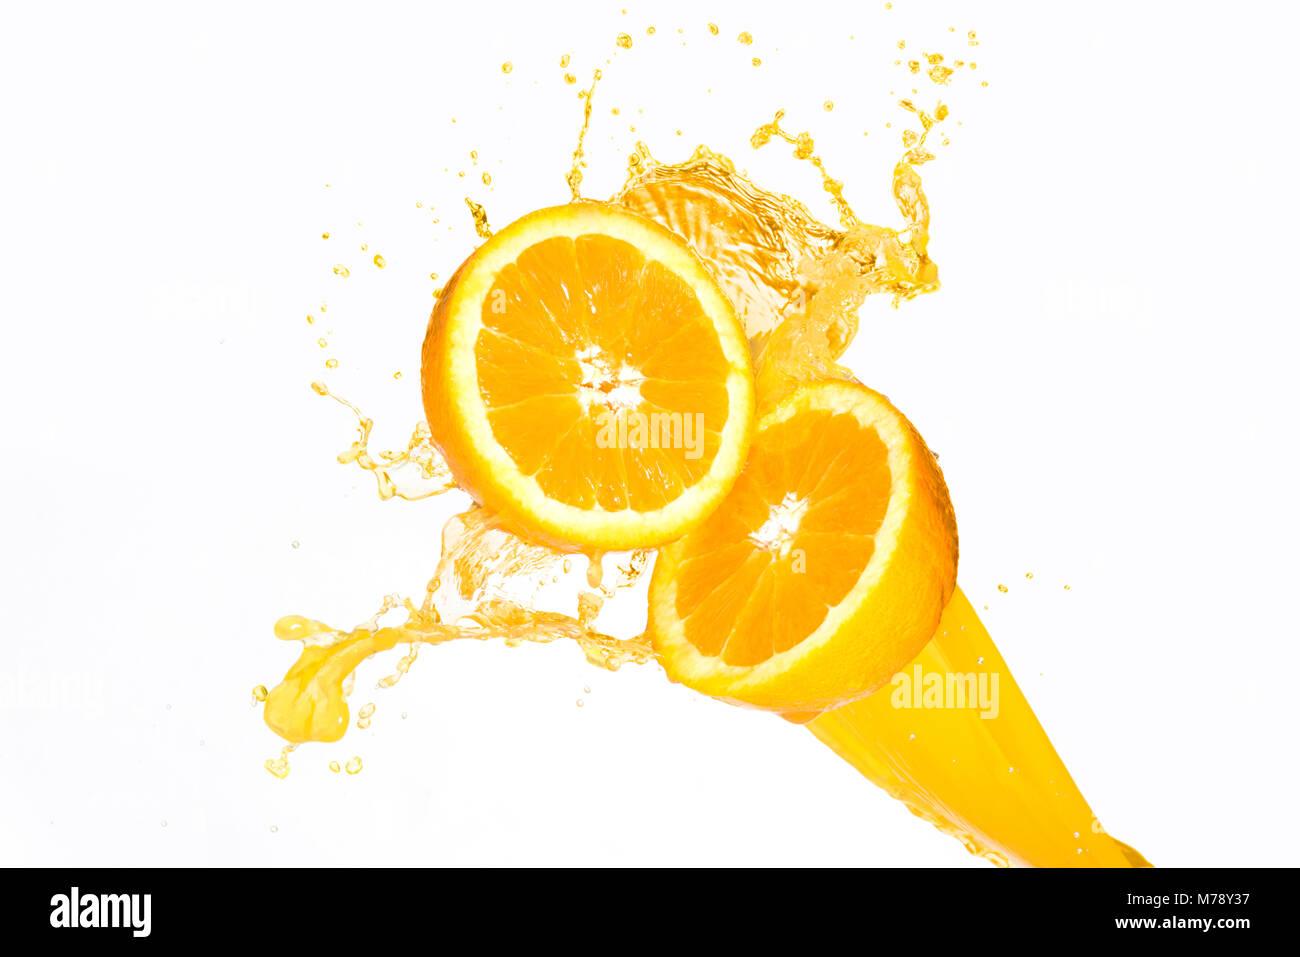 Orange juice splashing on half oranges against a white background - Stock Image